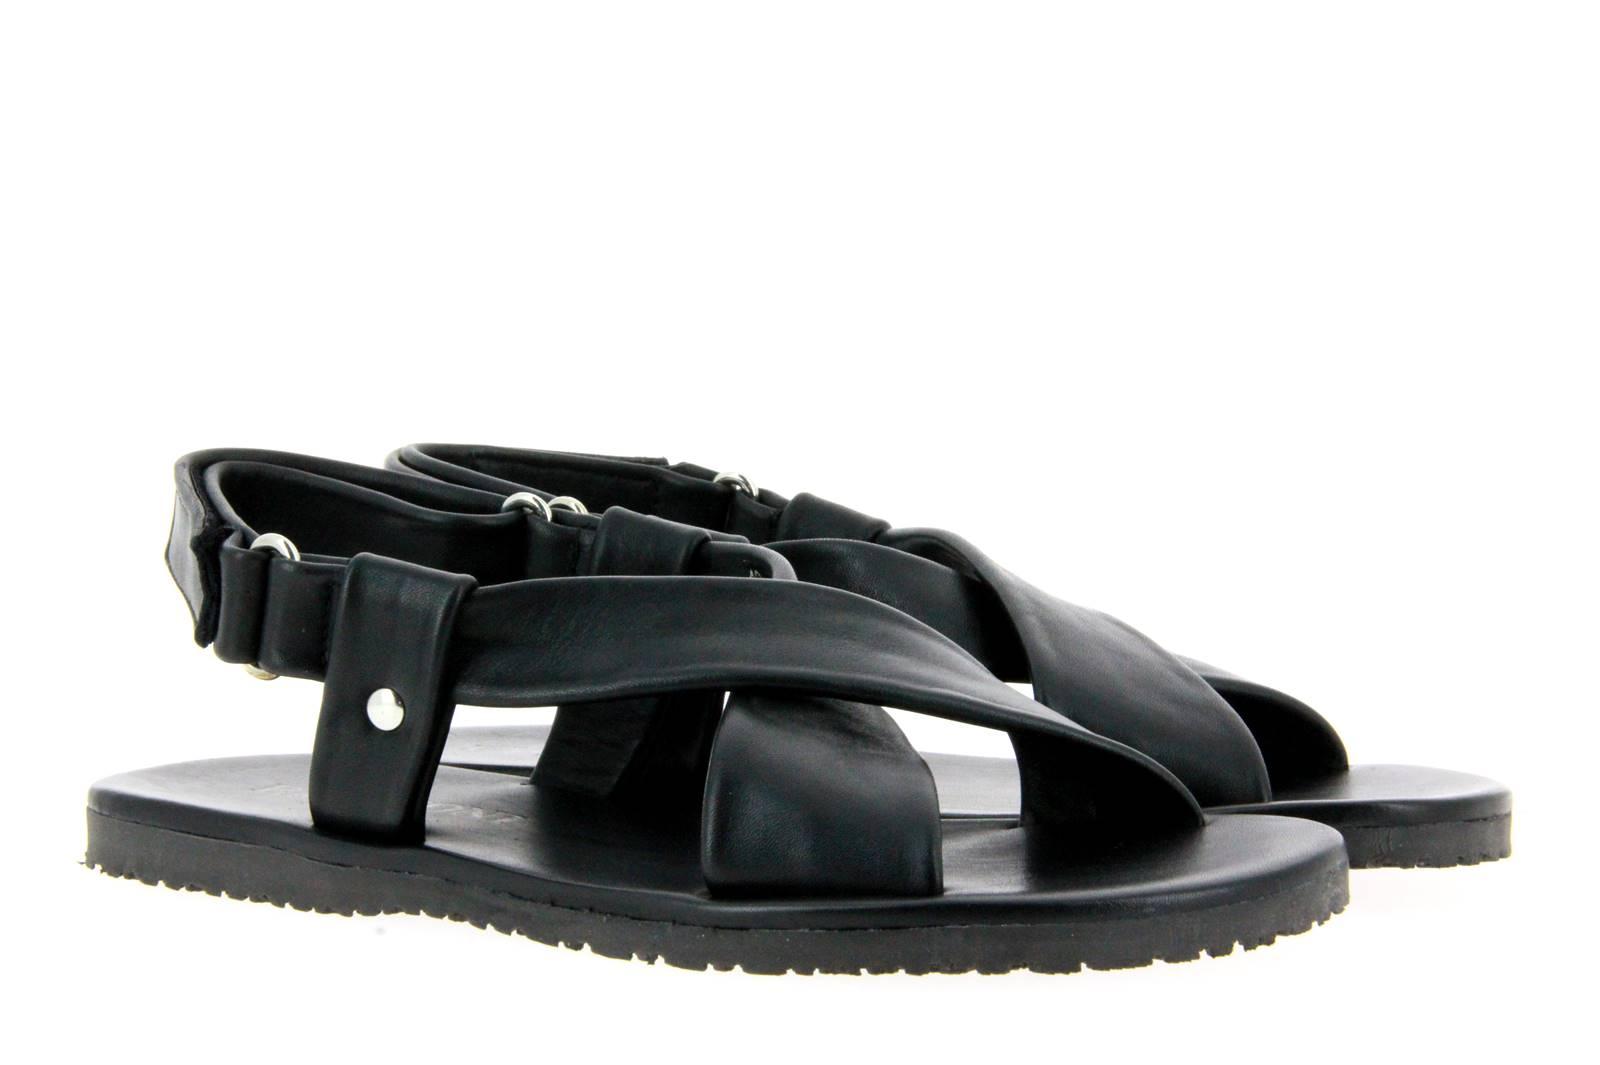 Emozioni sandal LEAHTER BLACK M5478